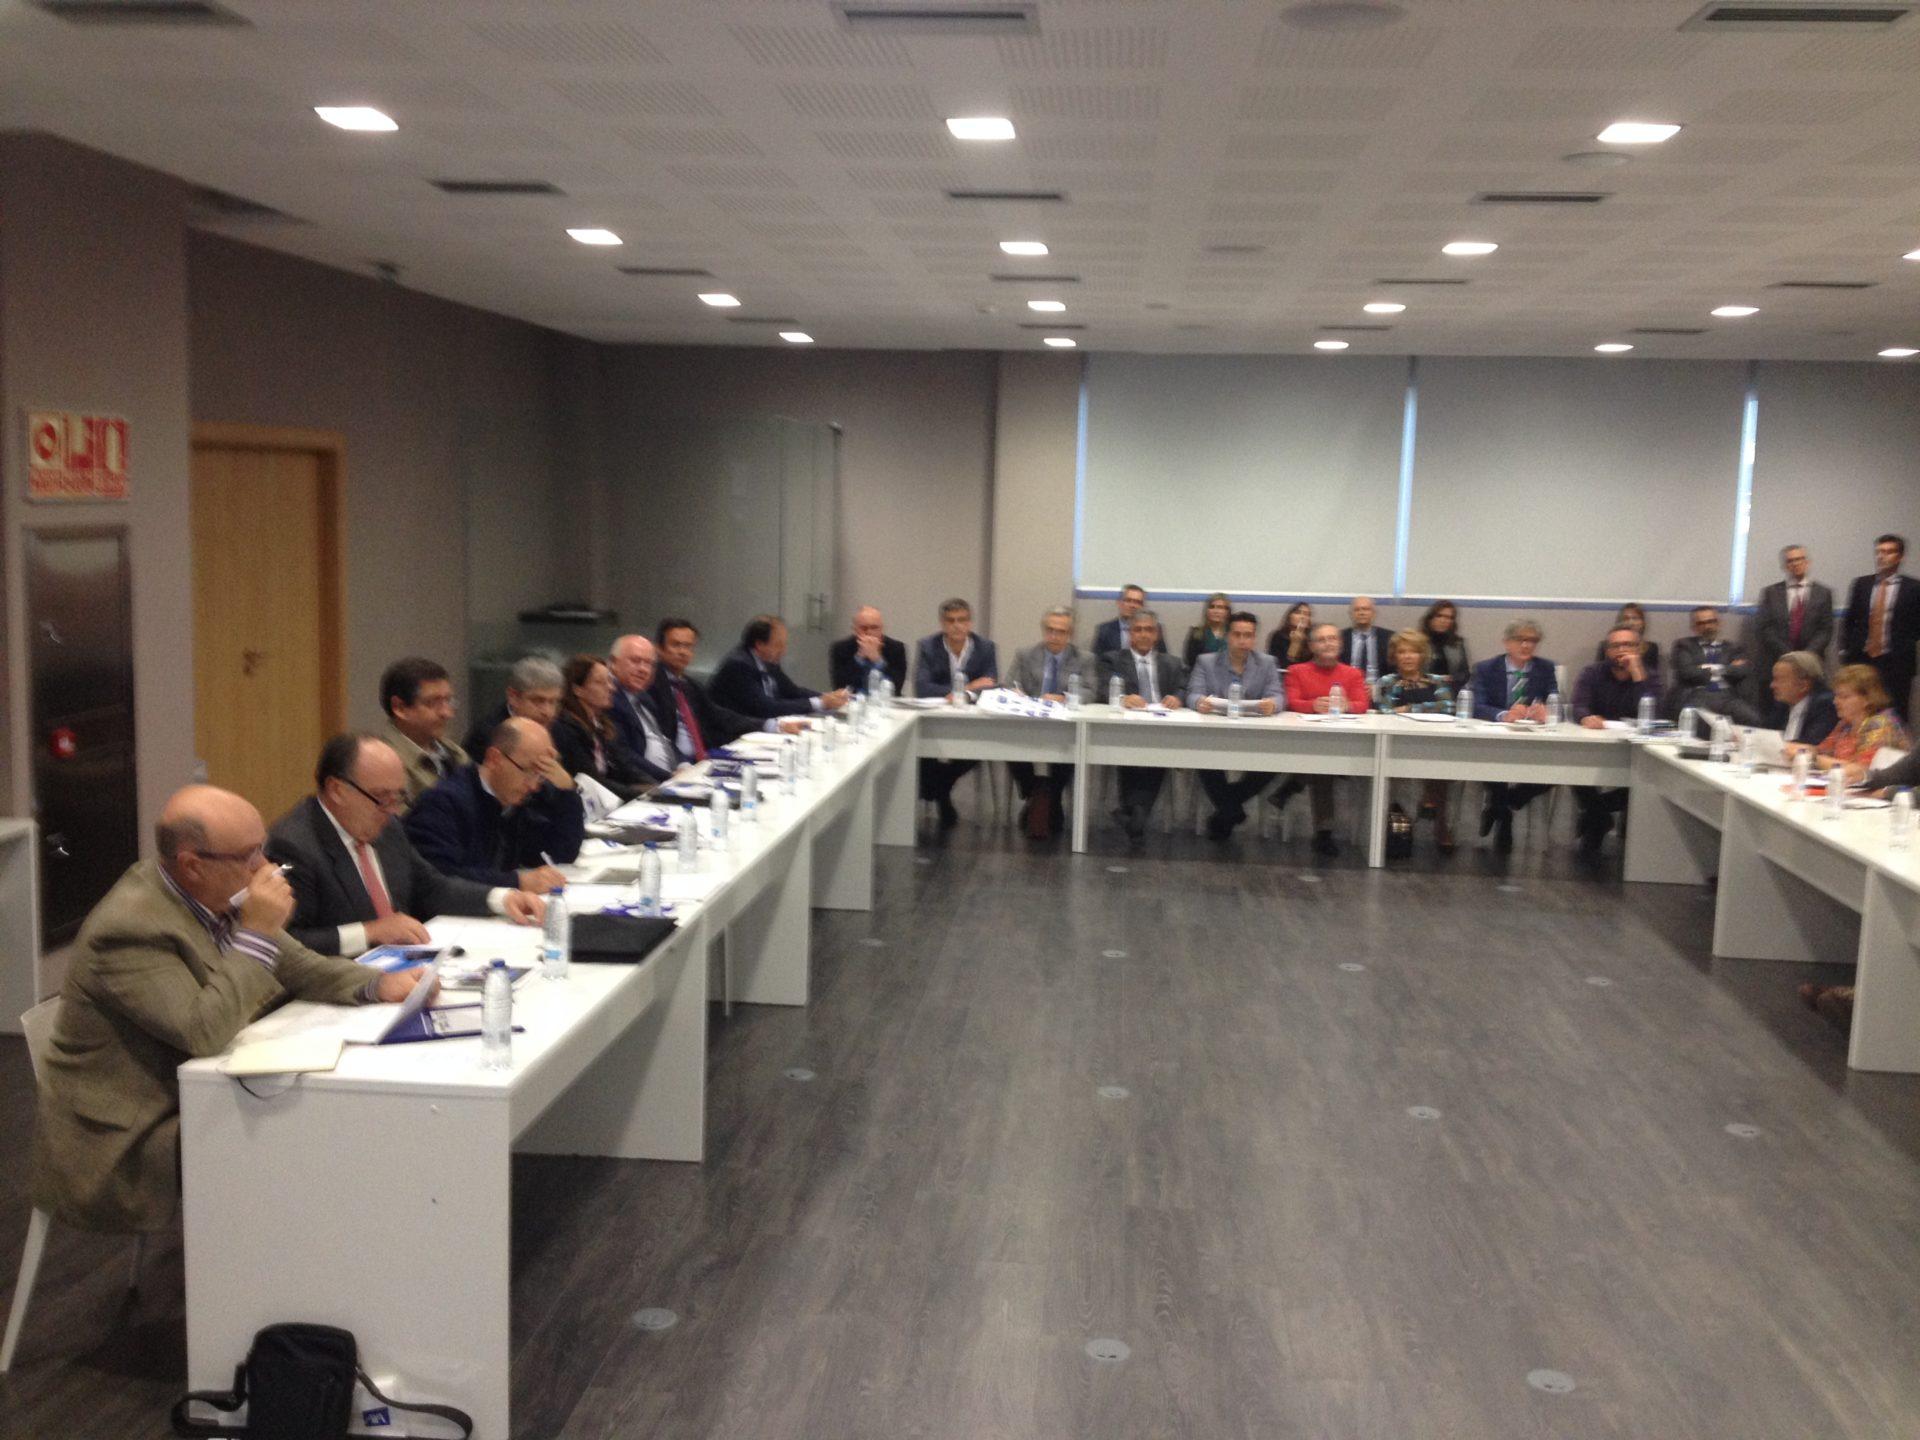 Adhesión de la Asociación de Empresarios la REVA (Riba-roja) en la última junta de Fepeval en Elche.